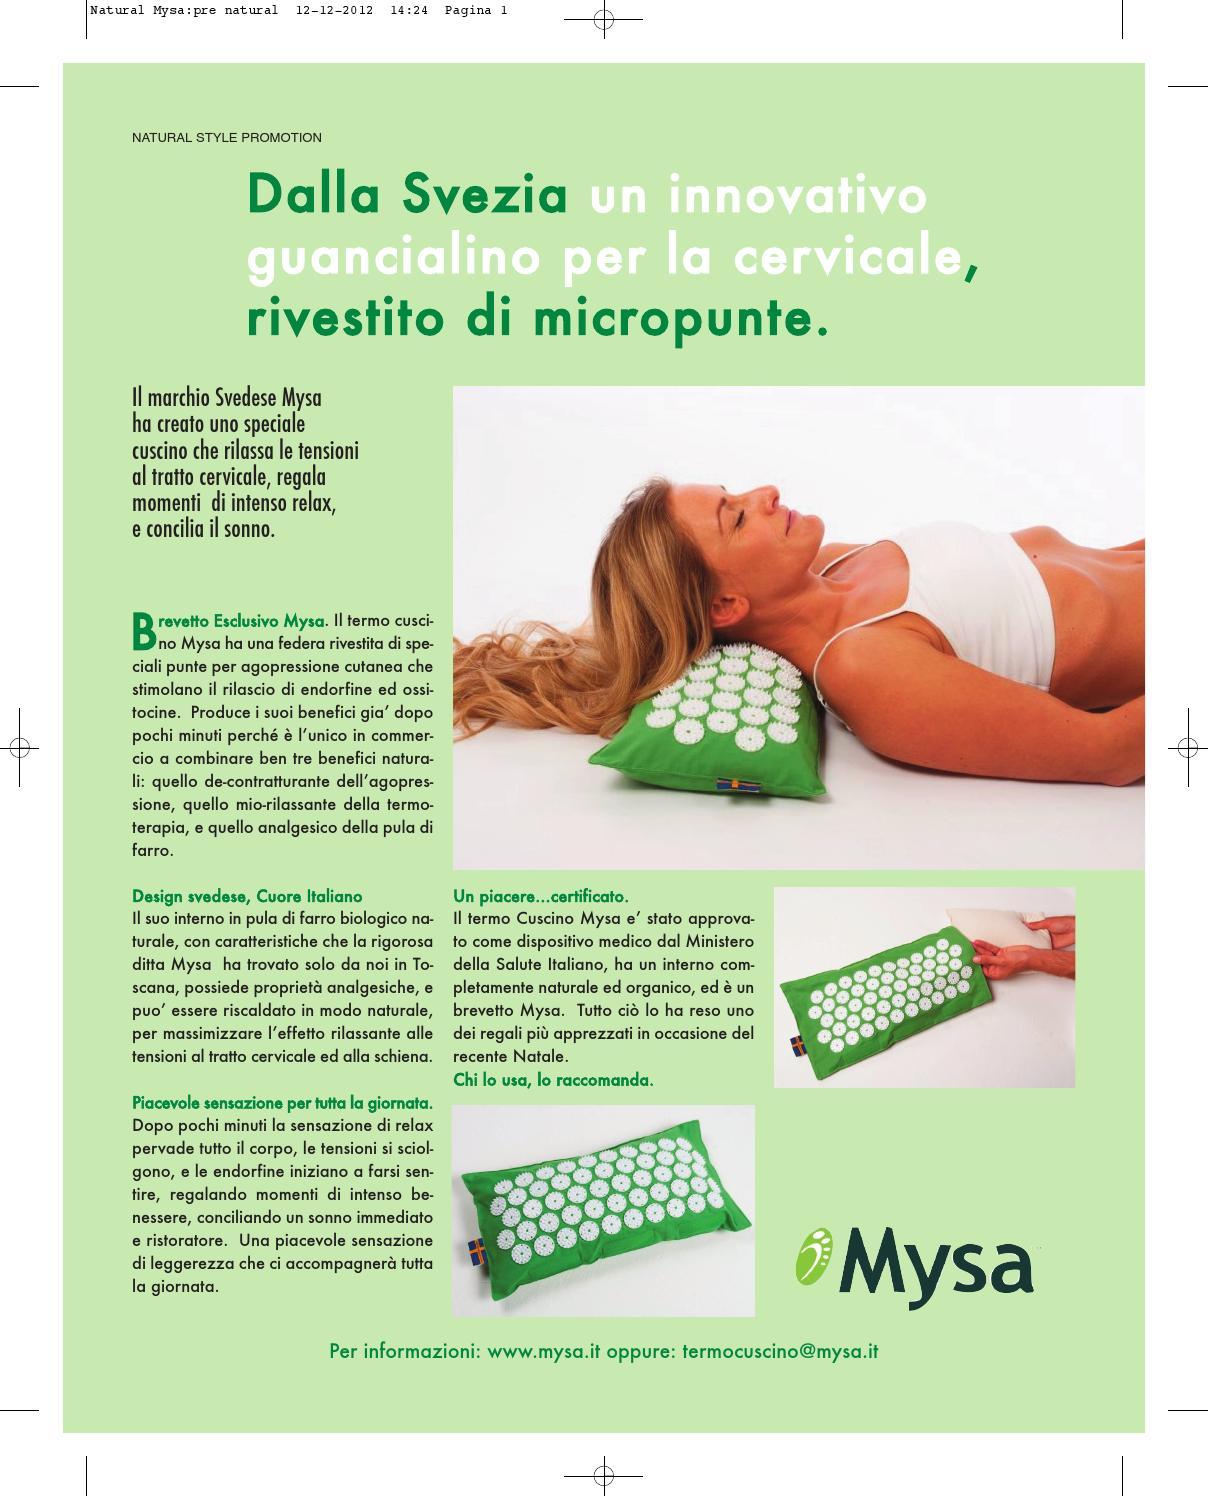 Cuscino Per La Cervicale Mysa.Mysa Cuscino Agopressione Cervicale Riscaldabile By Annika Tappetino